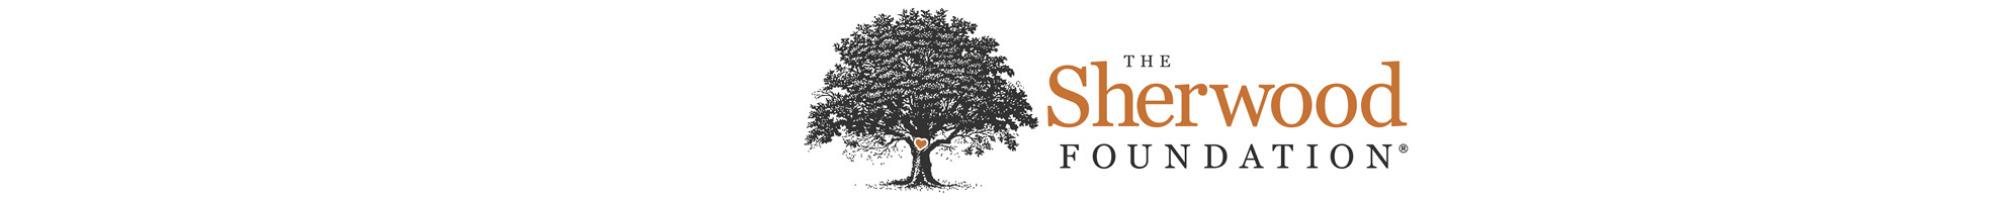 The Sherwood Foundation Logo